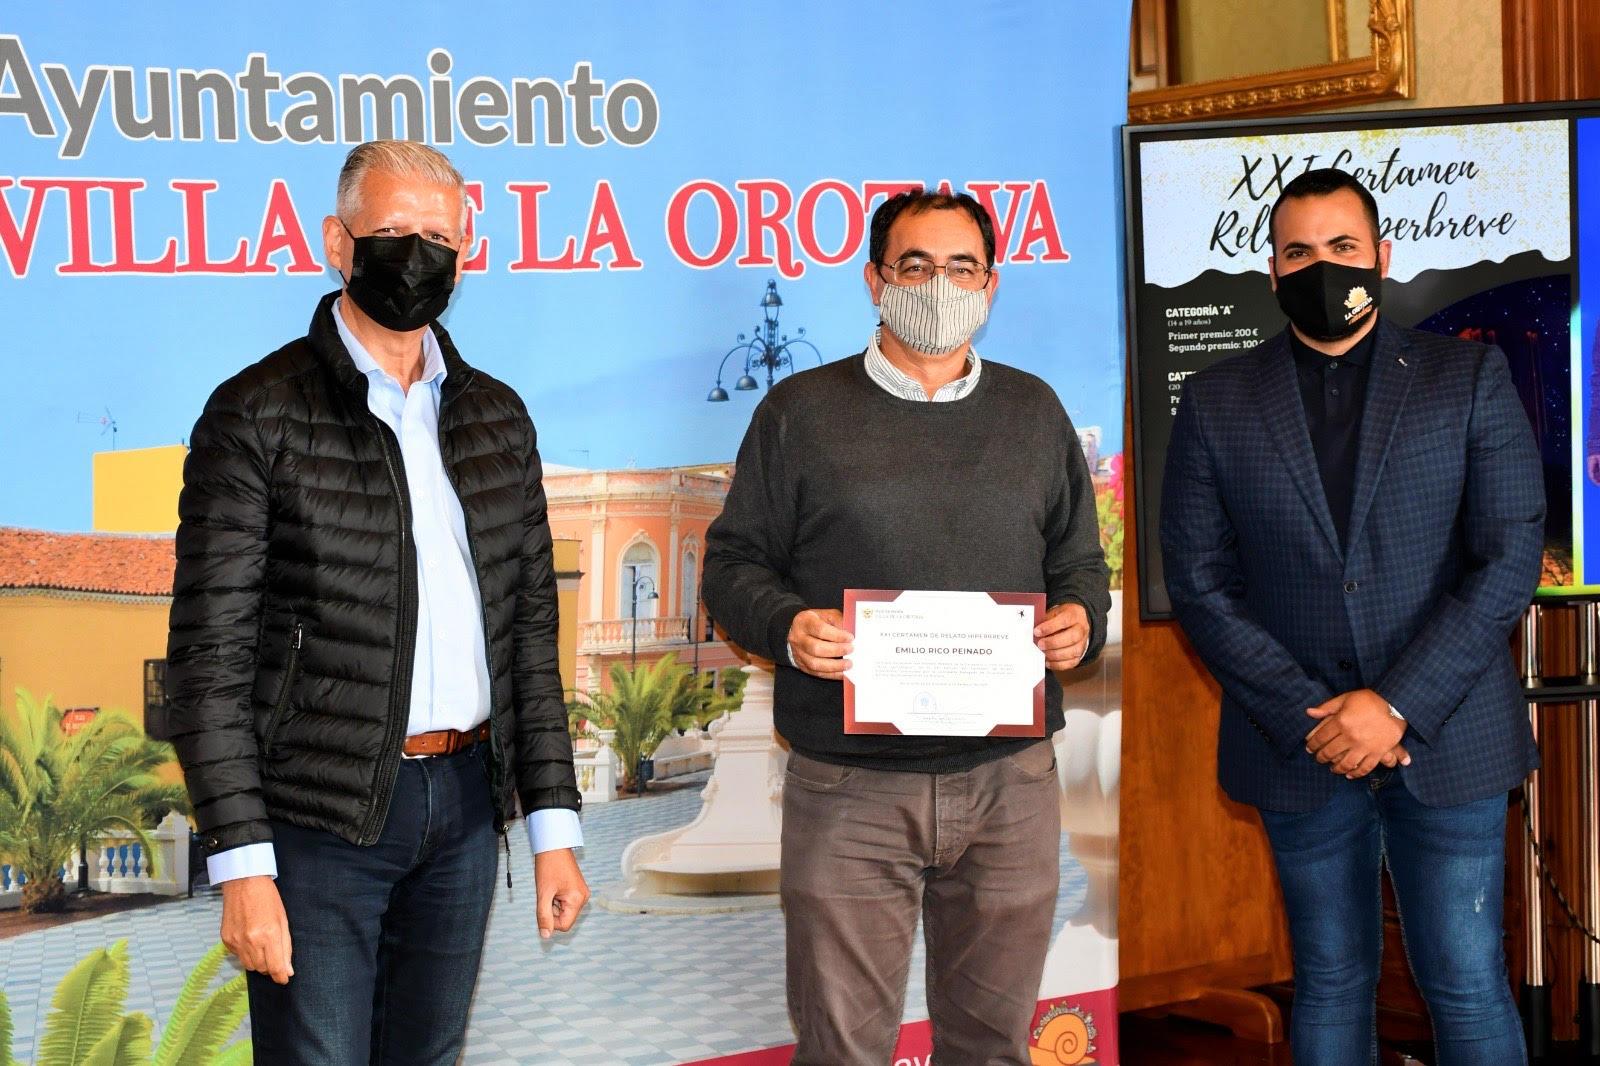 El alcalde de La Orotava, Francisco Linares, y el concejal de Juventud del consistorio villero, Darío Afonso, fueron los encargados de entregar los galardones